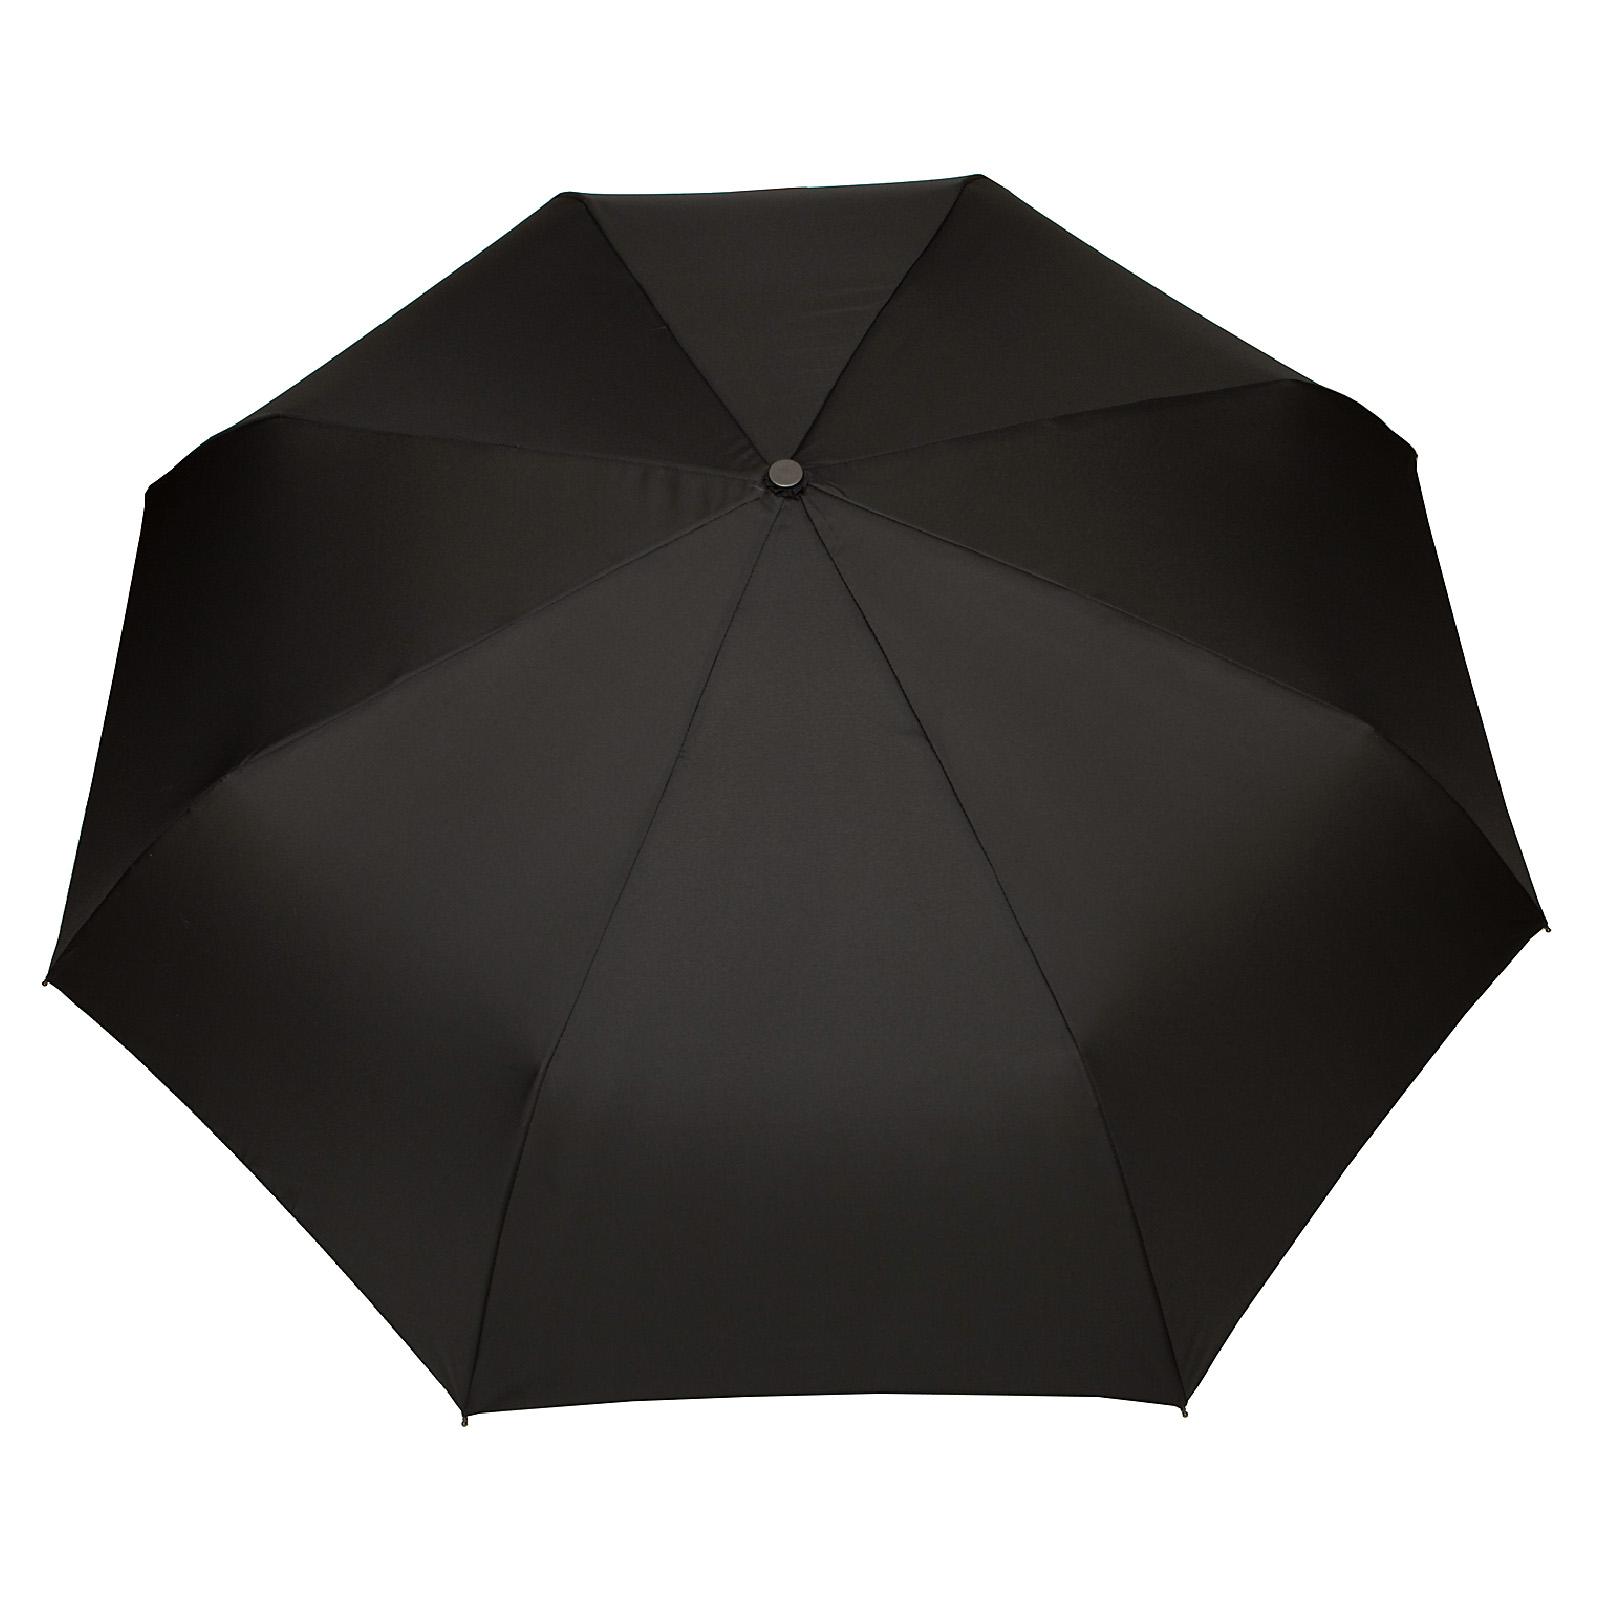 PA-00051-C16-parapluie-noir-pliant-homme-ouverture-fermeture-automatique